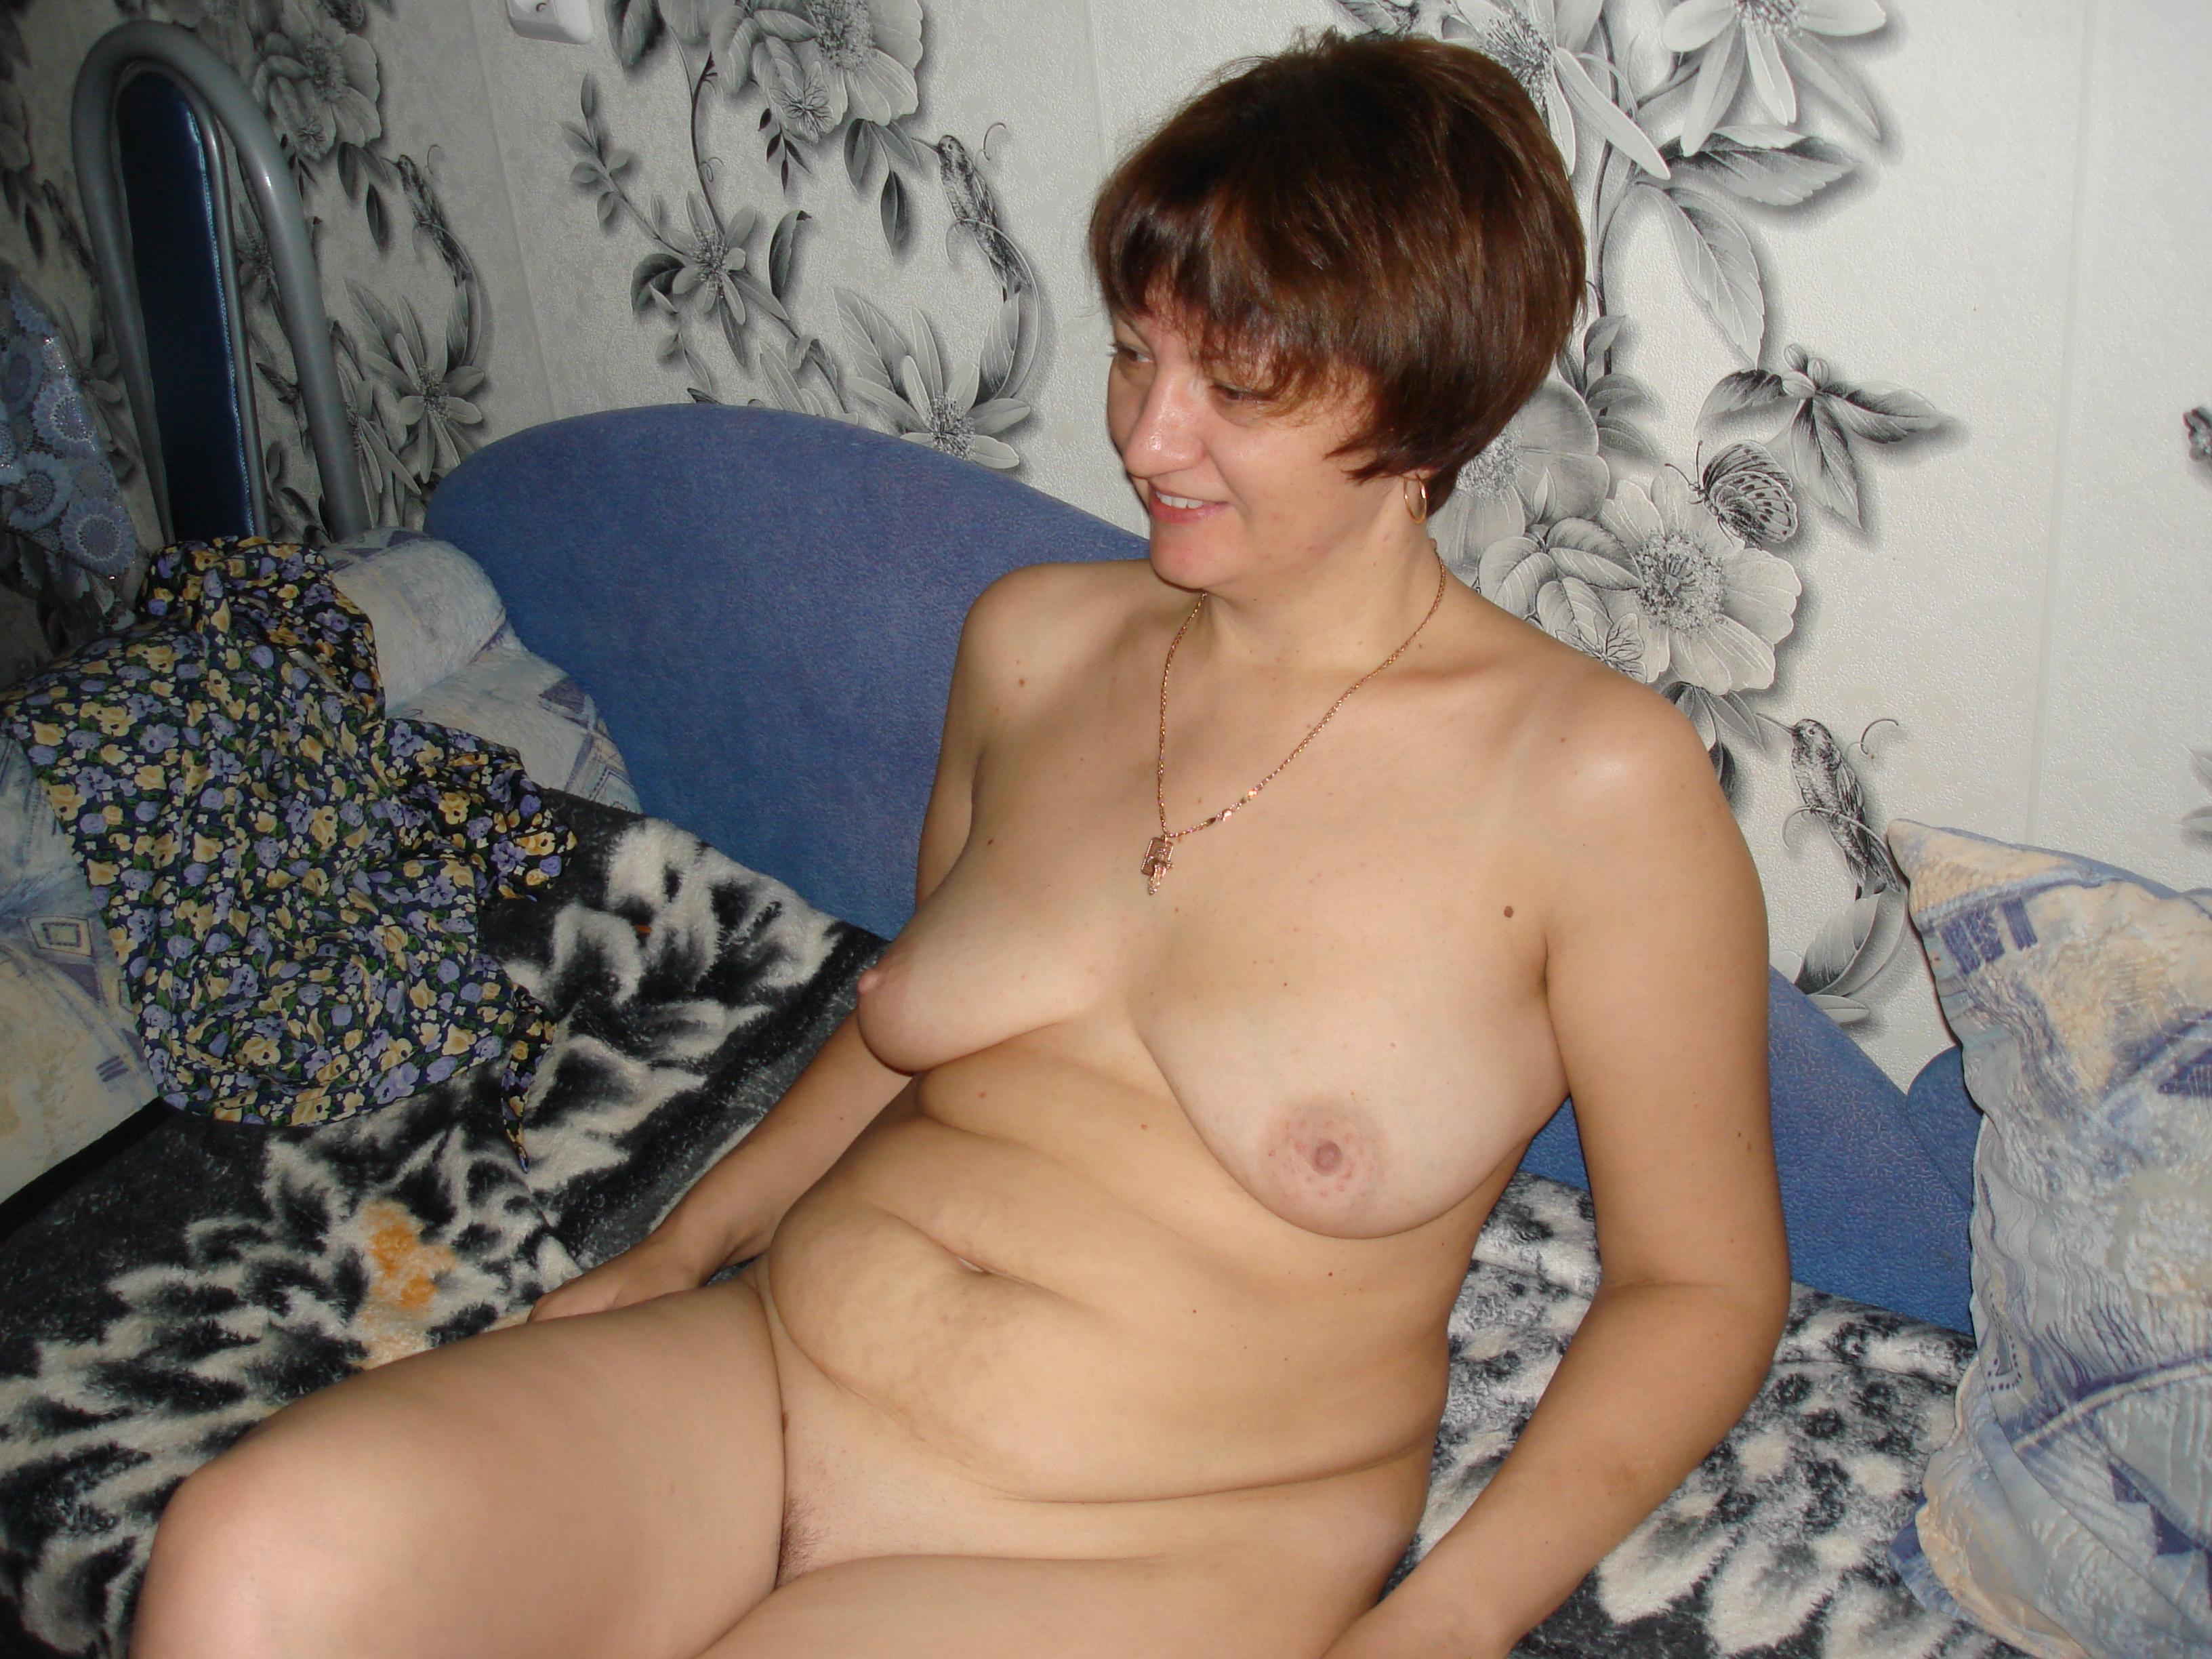 секс зрелые женщины 30 лет фото